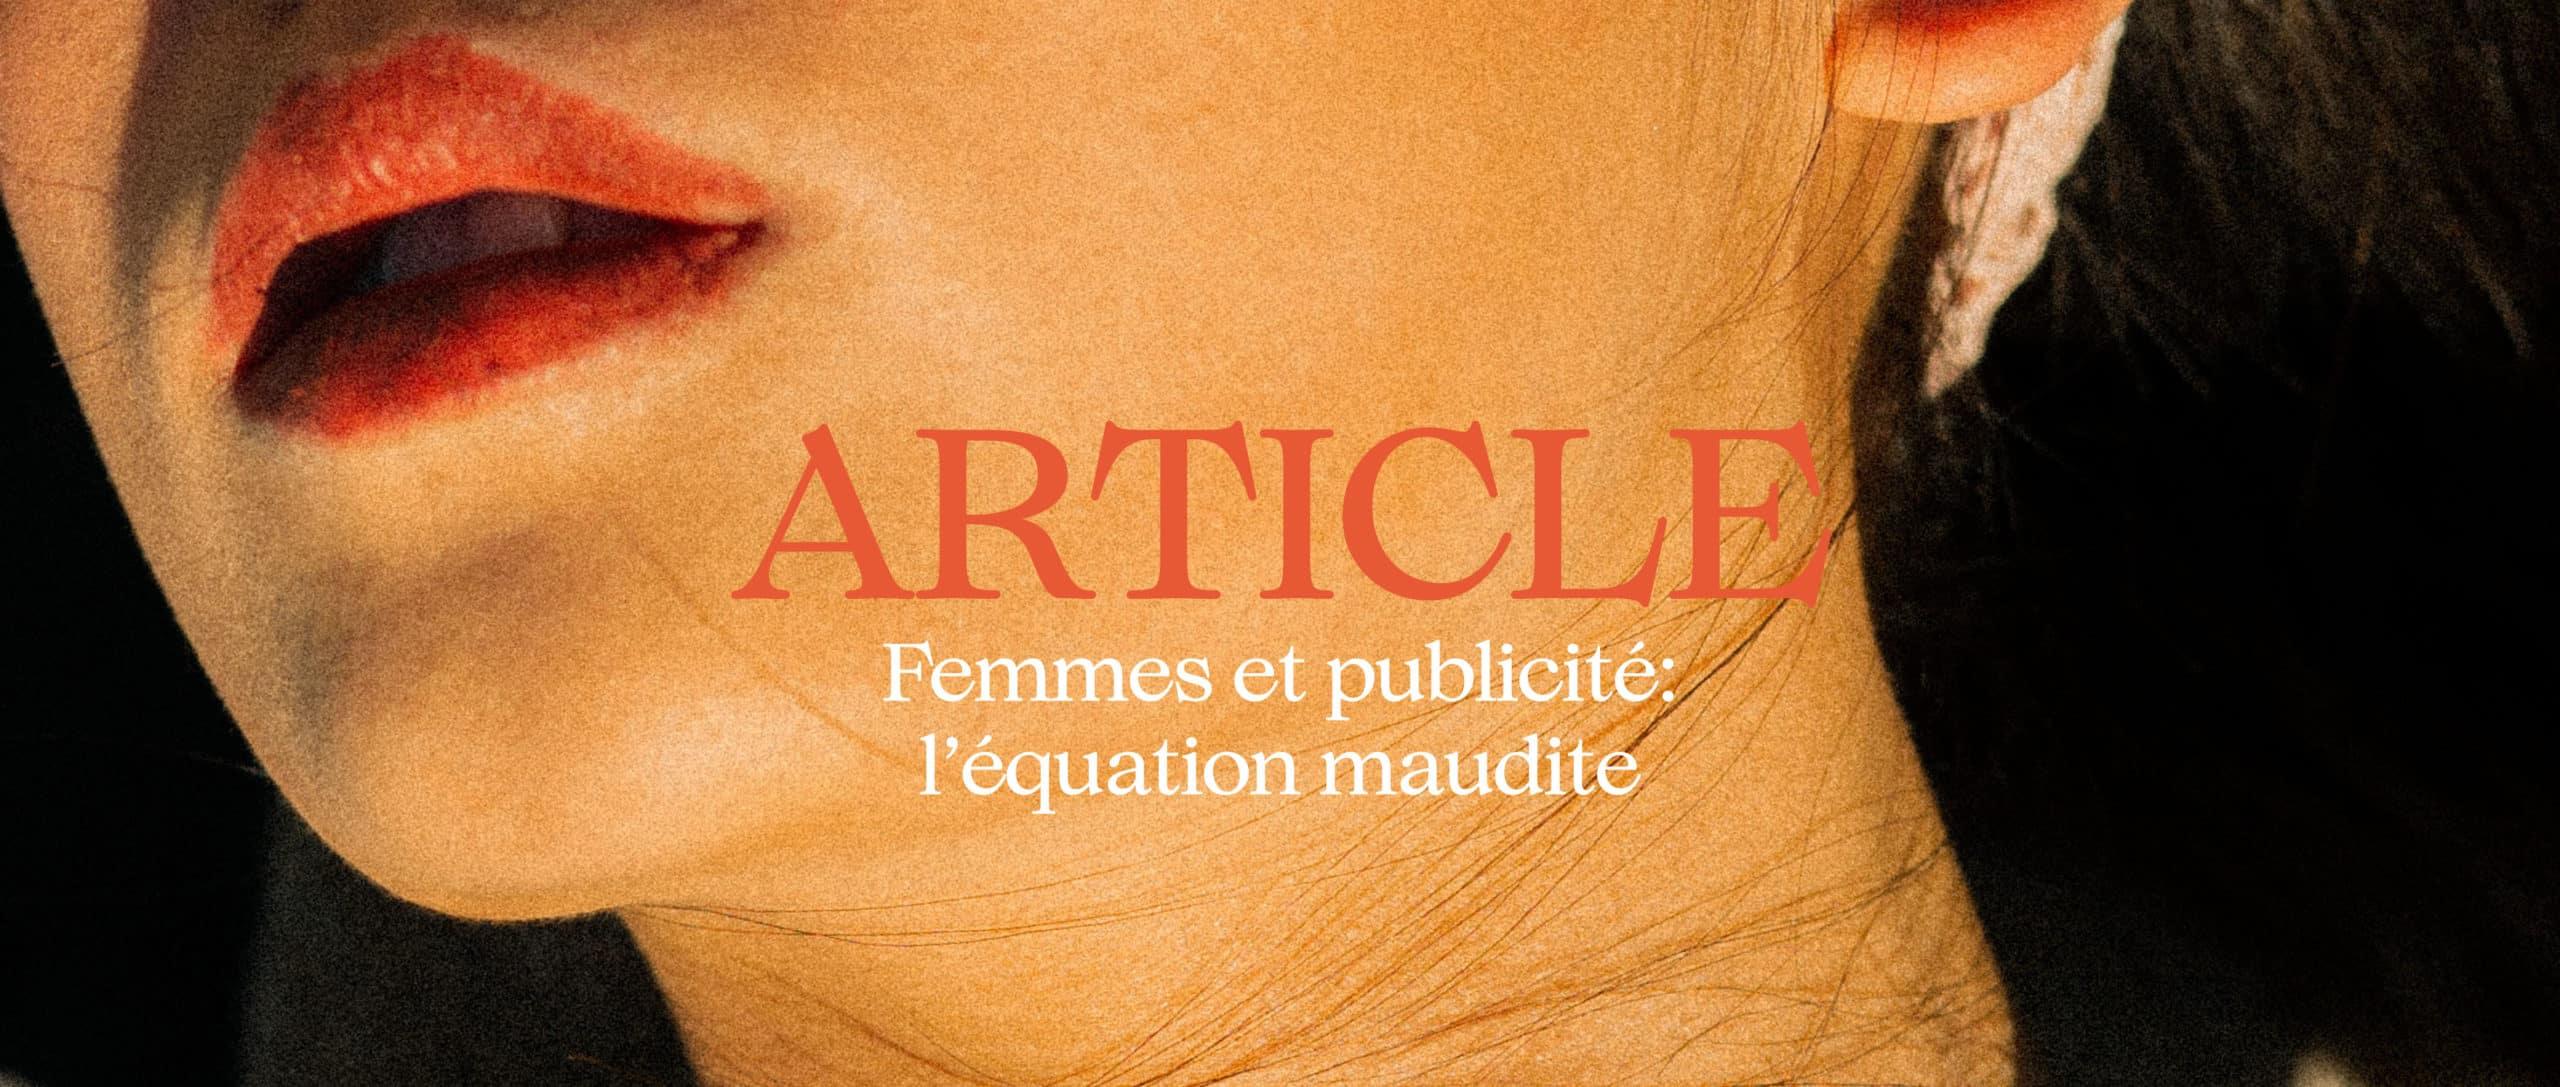 femmes-publicité-equation-impossible-article